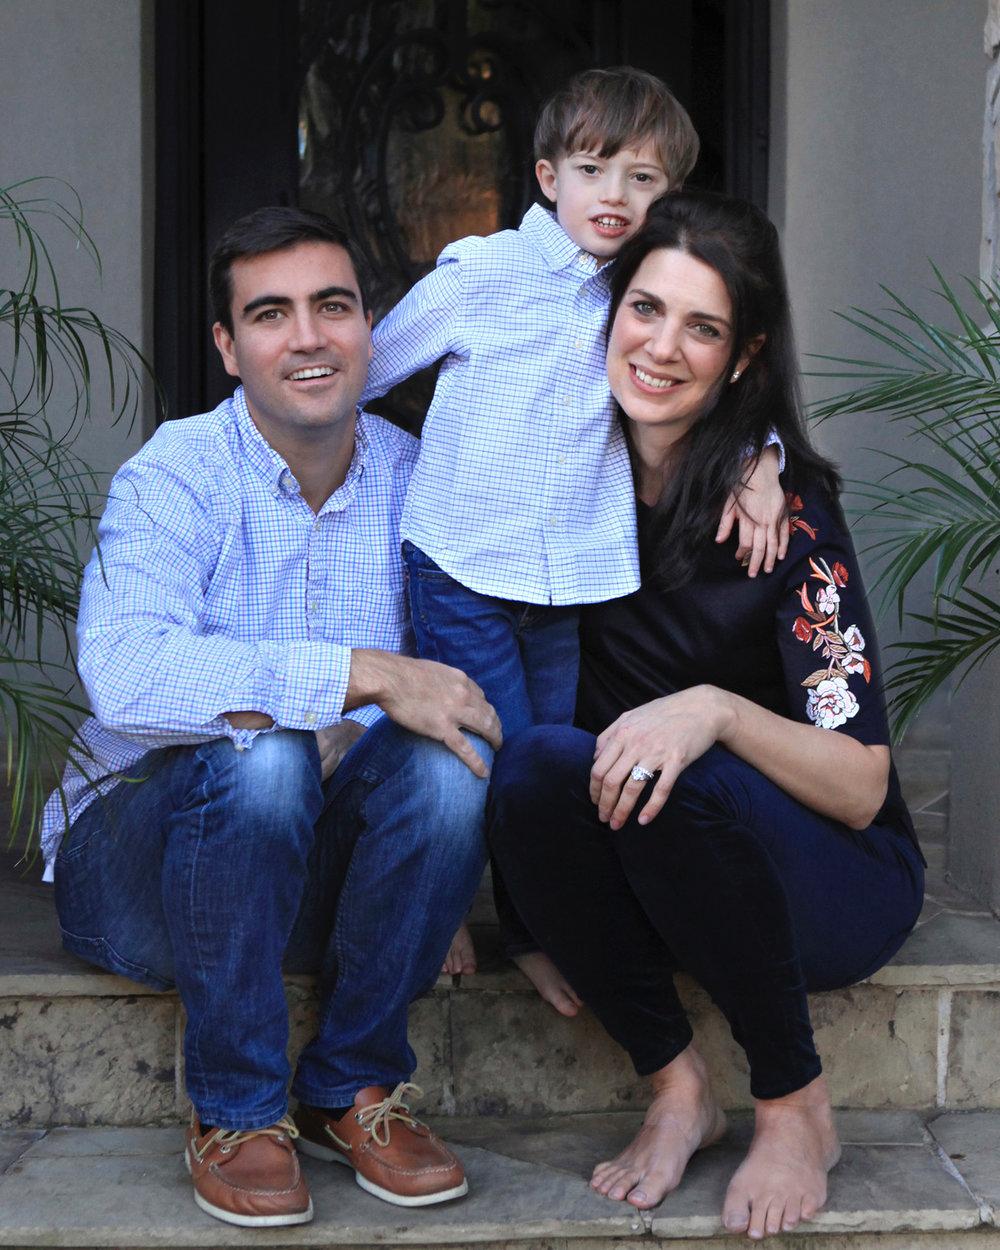 Eve Tedeschi and family